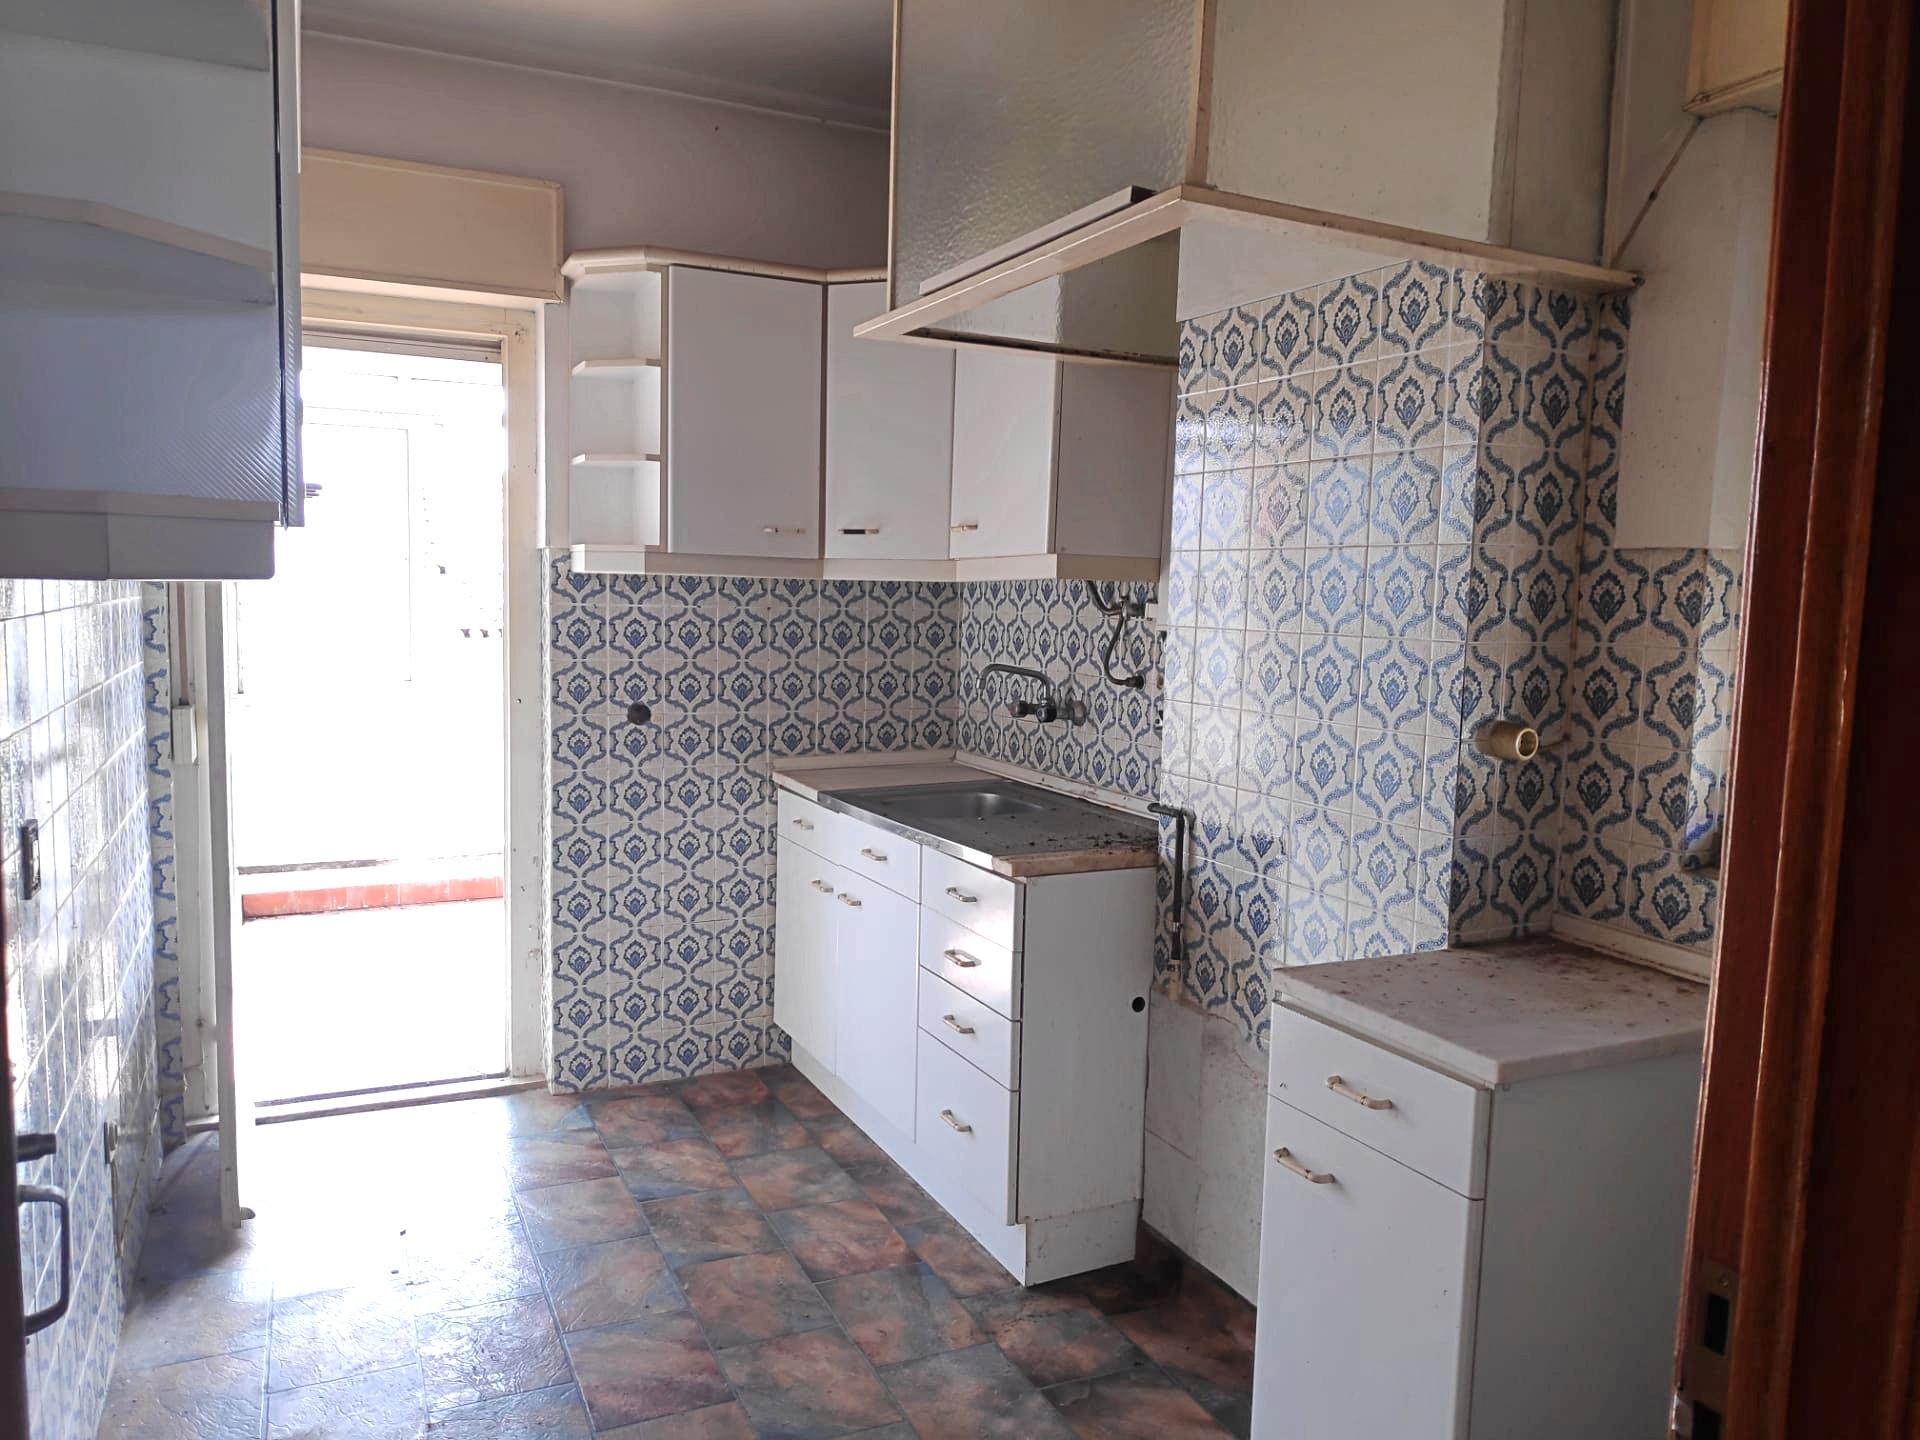 למכירה-דירת 3 חדרים, מטרופולין ליסבון